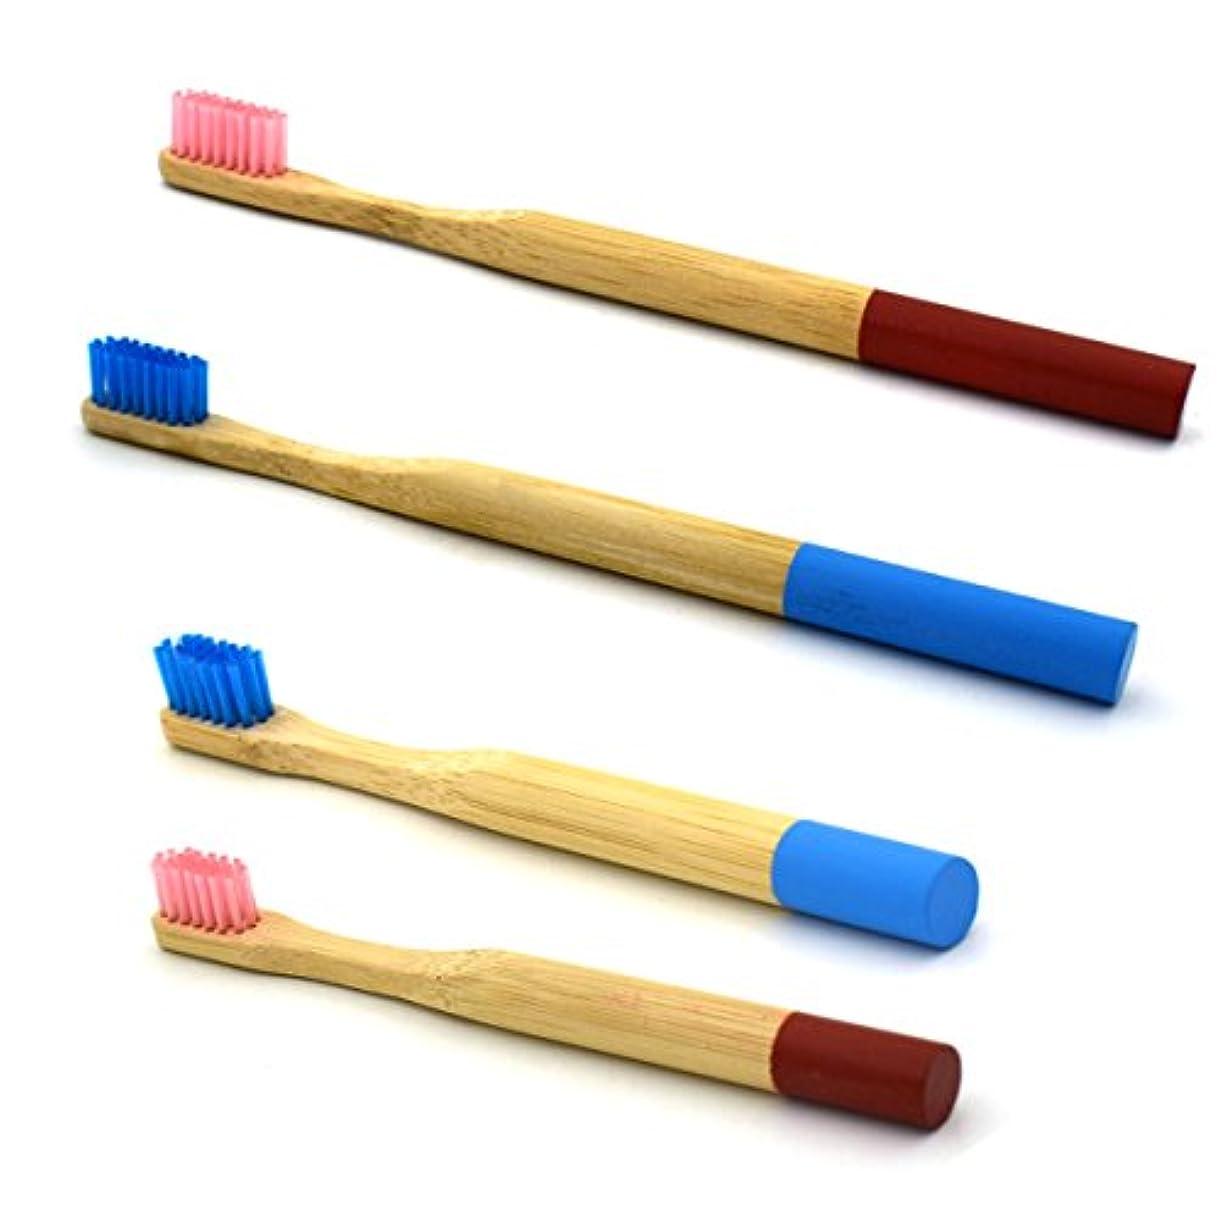 症状慎重内なるHEALLILY ラウンドハンドルエコフレンドリーソフト剛毛歯ブラシ(ブルーとピンク) - 大人と子供と4個の天然竹製の歯ブラシ